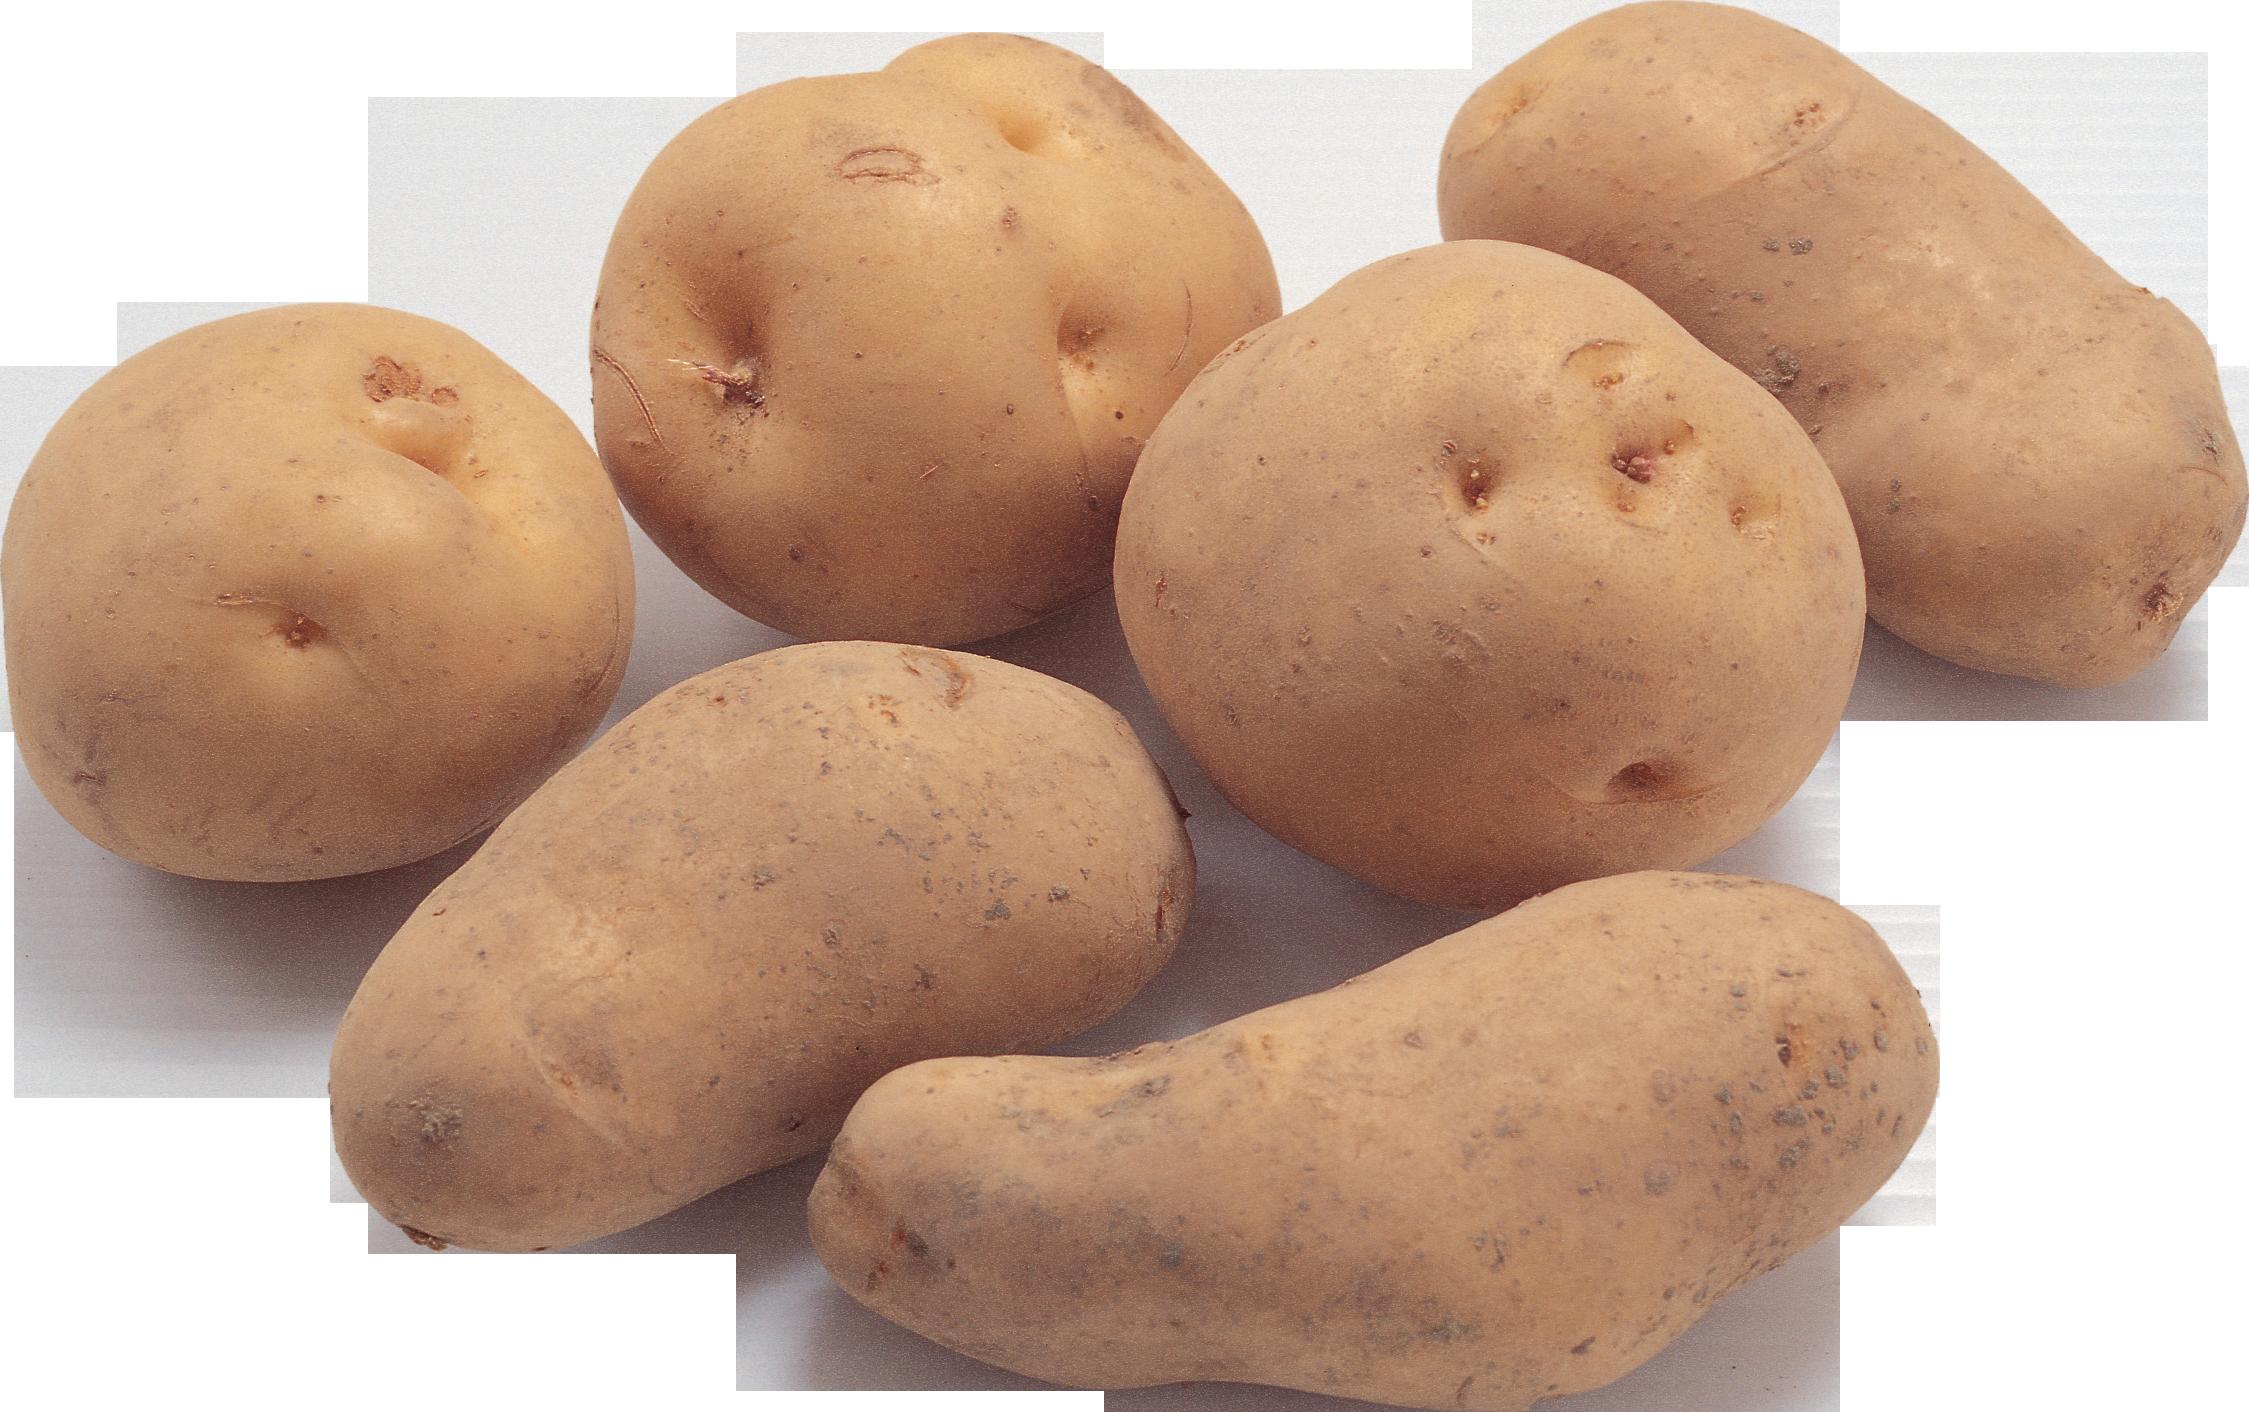 Potato clipart russet. Png images